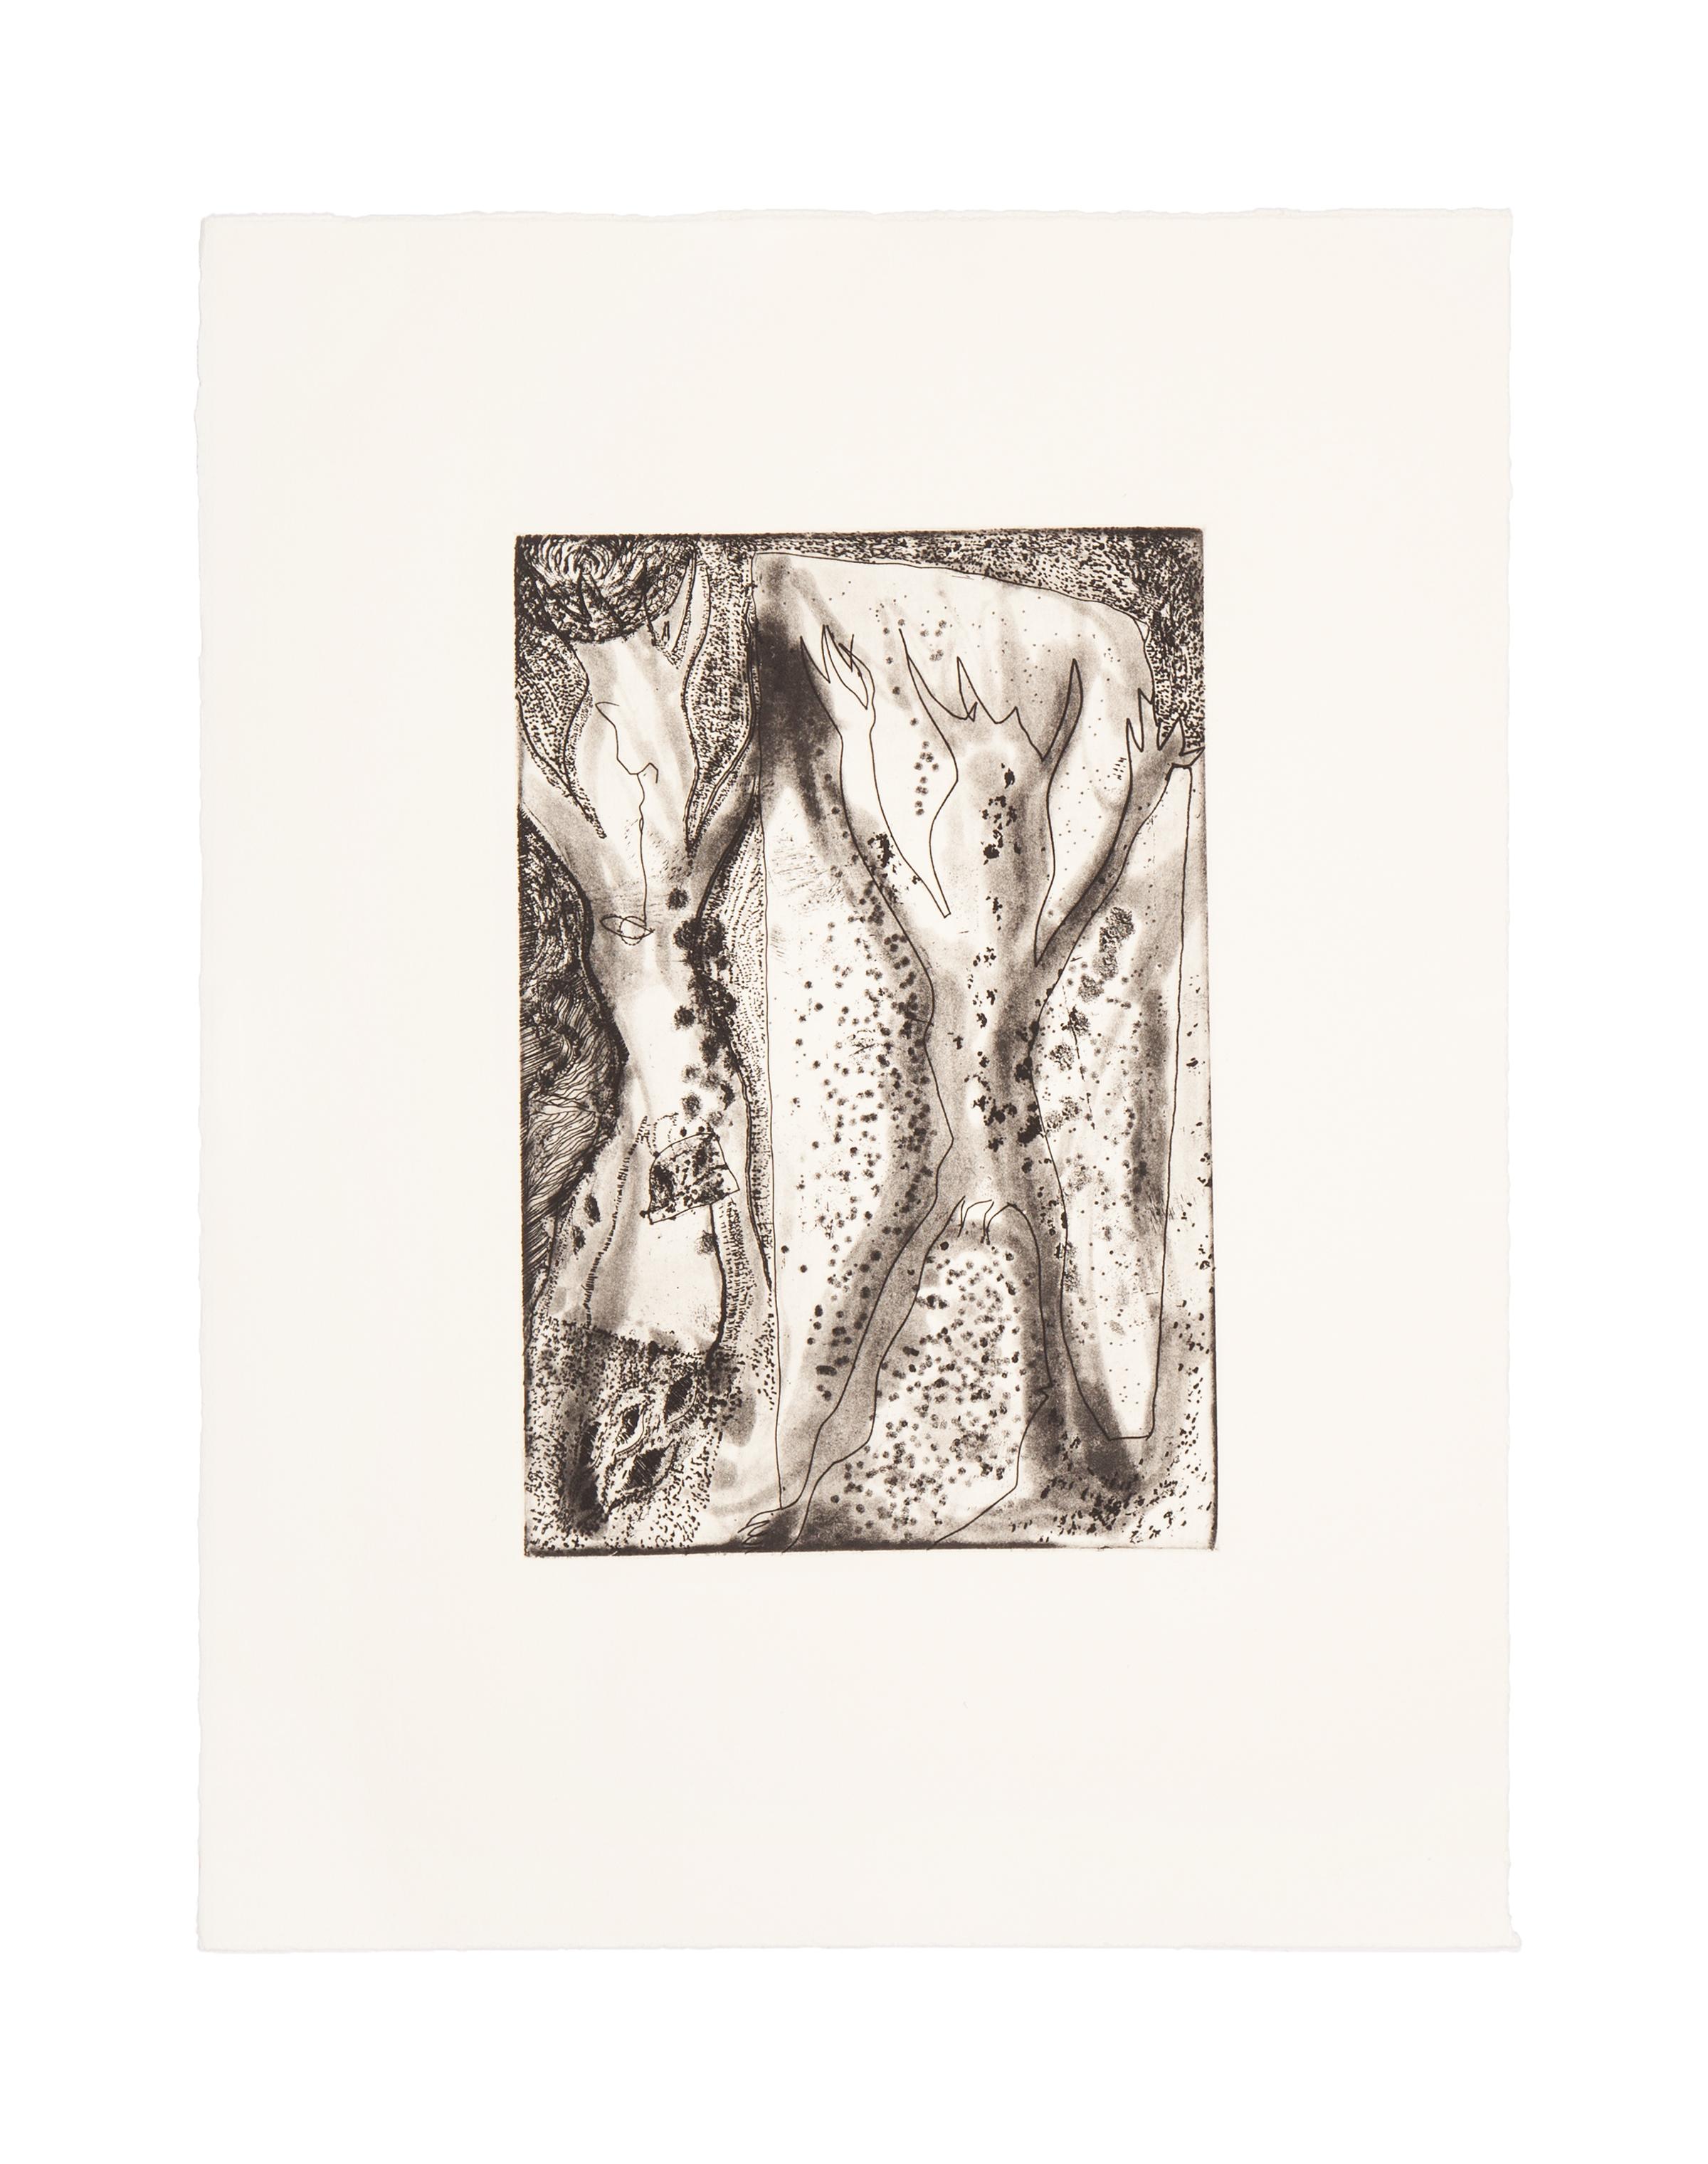 BREAK  Intaglio/monoprint  Image: 6 x 8.9 inches  Paper: 11 x 15 inches  Printed by 10 Grand Press  © 2008 Carol Morrison